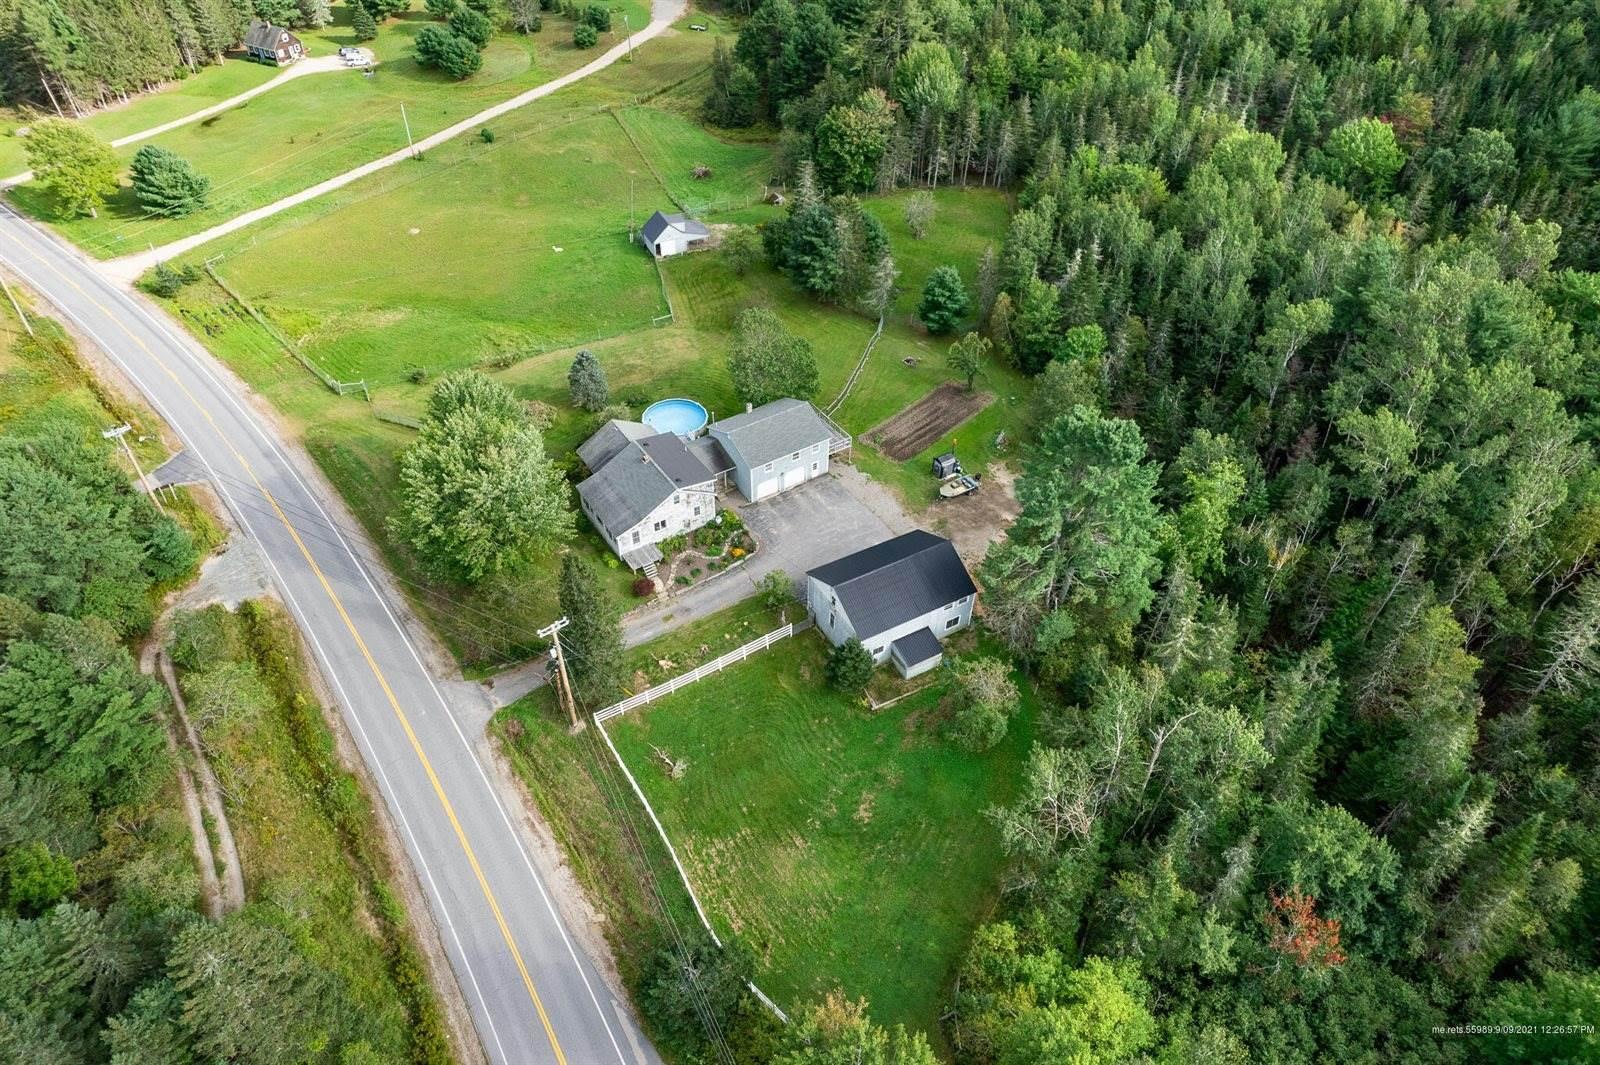 278 Blacks Woods Road, Cherryfield, ME 04622